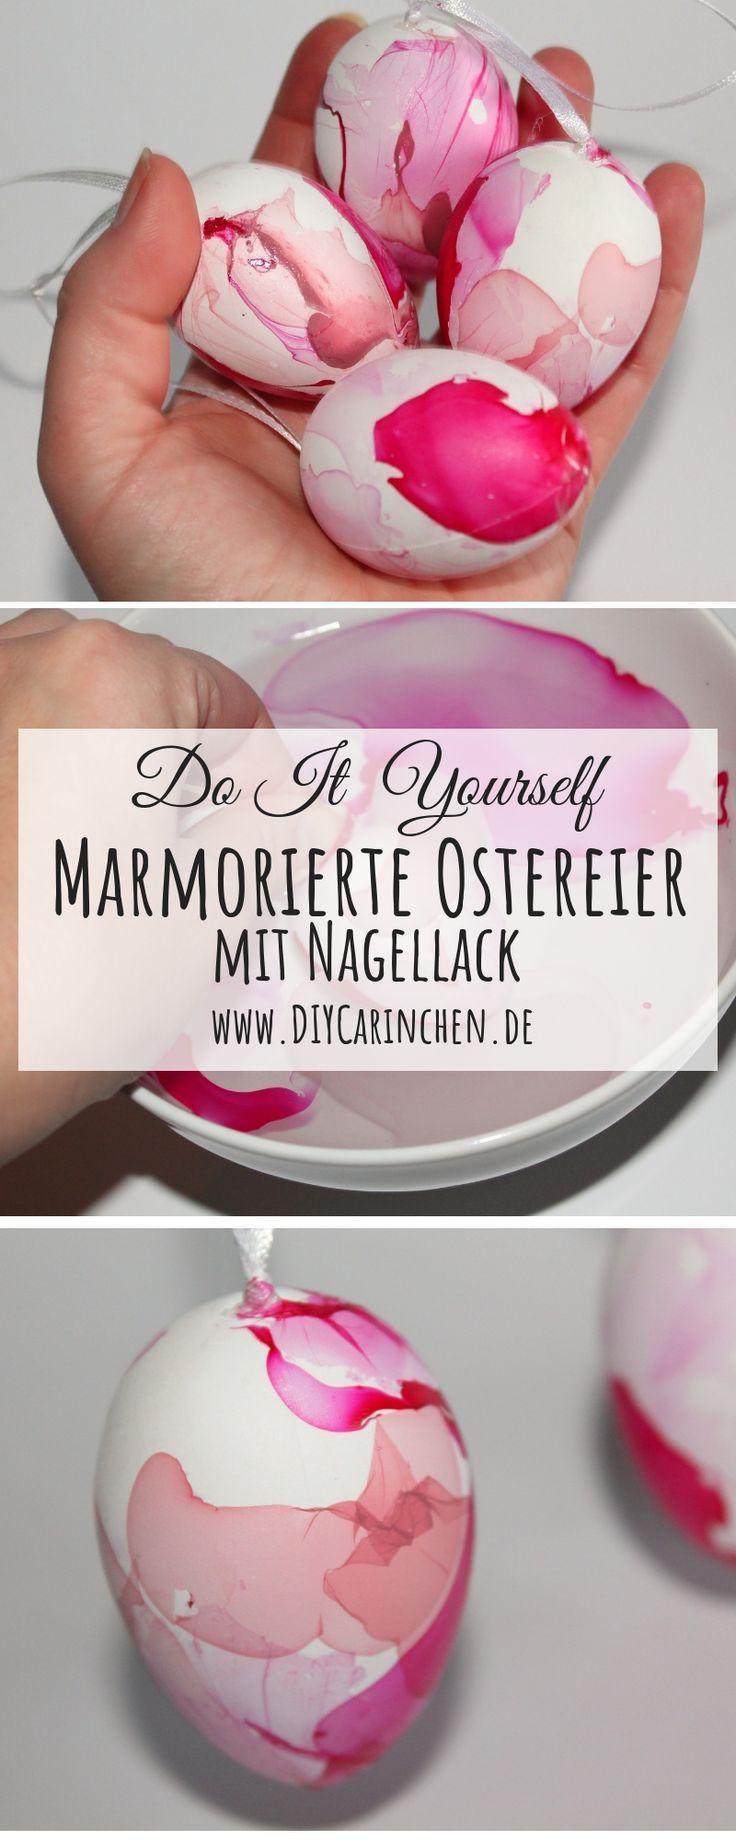 Photo of Ostereier färben mal anders: DIY marmorierte Ostereier mit Nagellack einfach selber machen